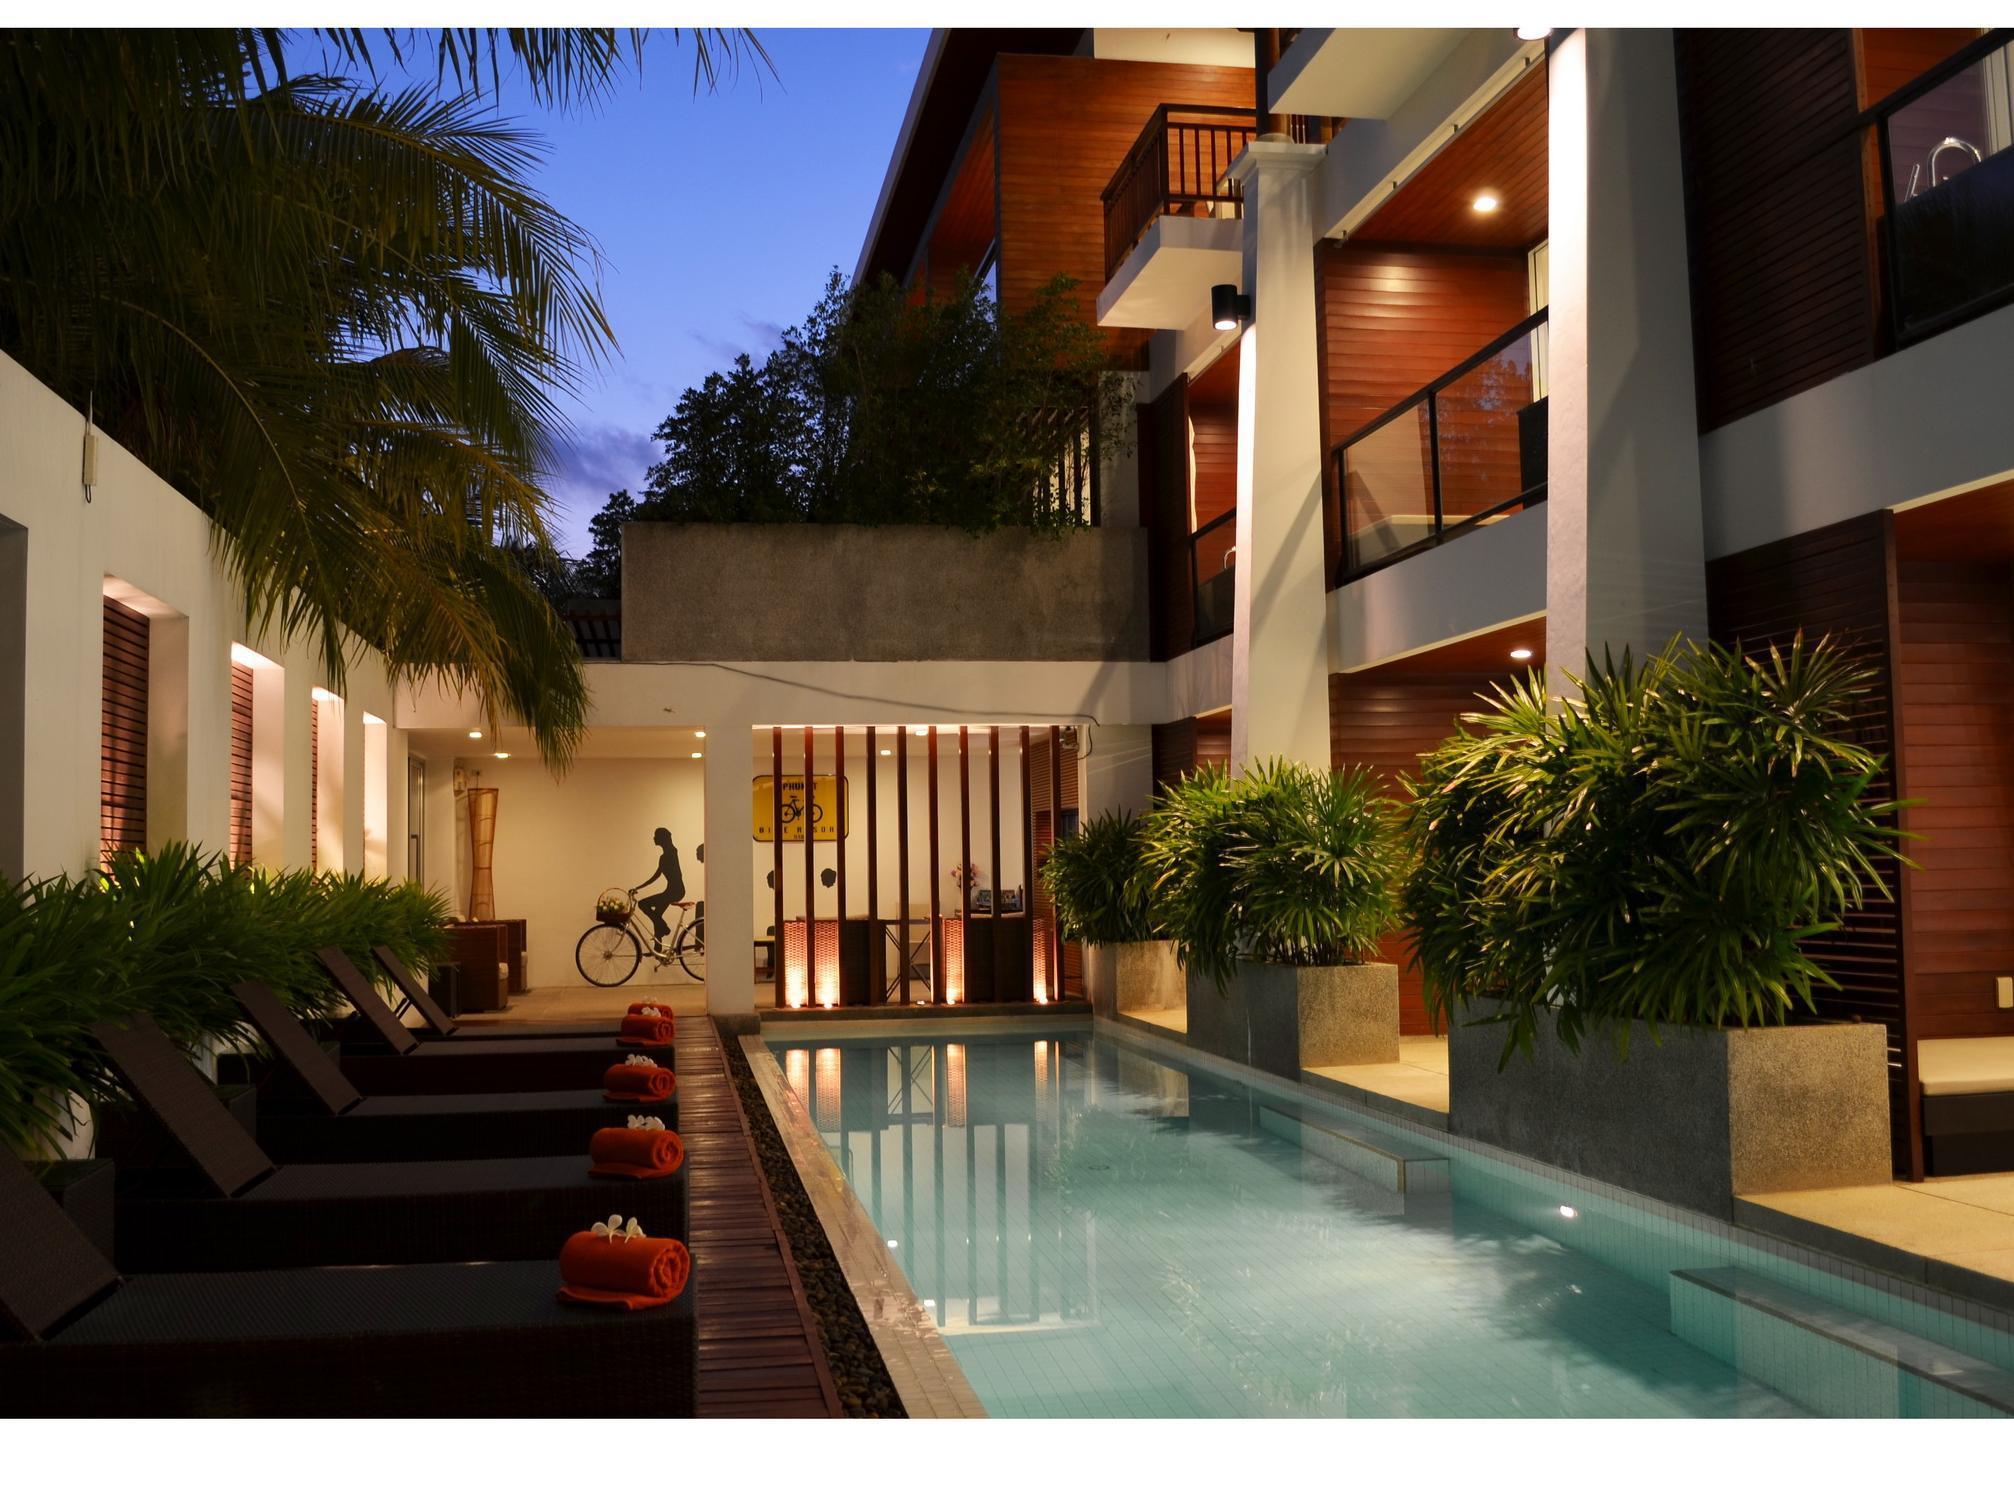 Hotell Phuket Bike Resort i Bang_Thao_-tt-_Laguna, Phuket. Klicka för att läsa mer och skicka bokningsförfrågan